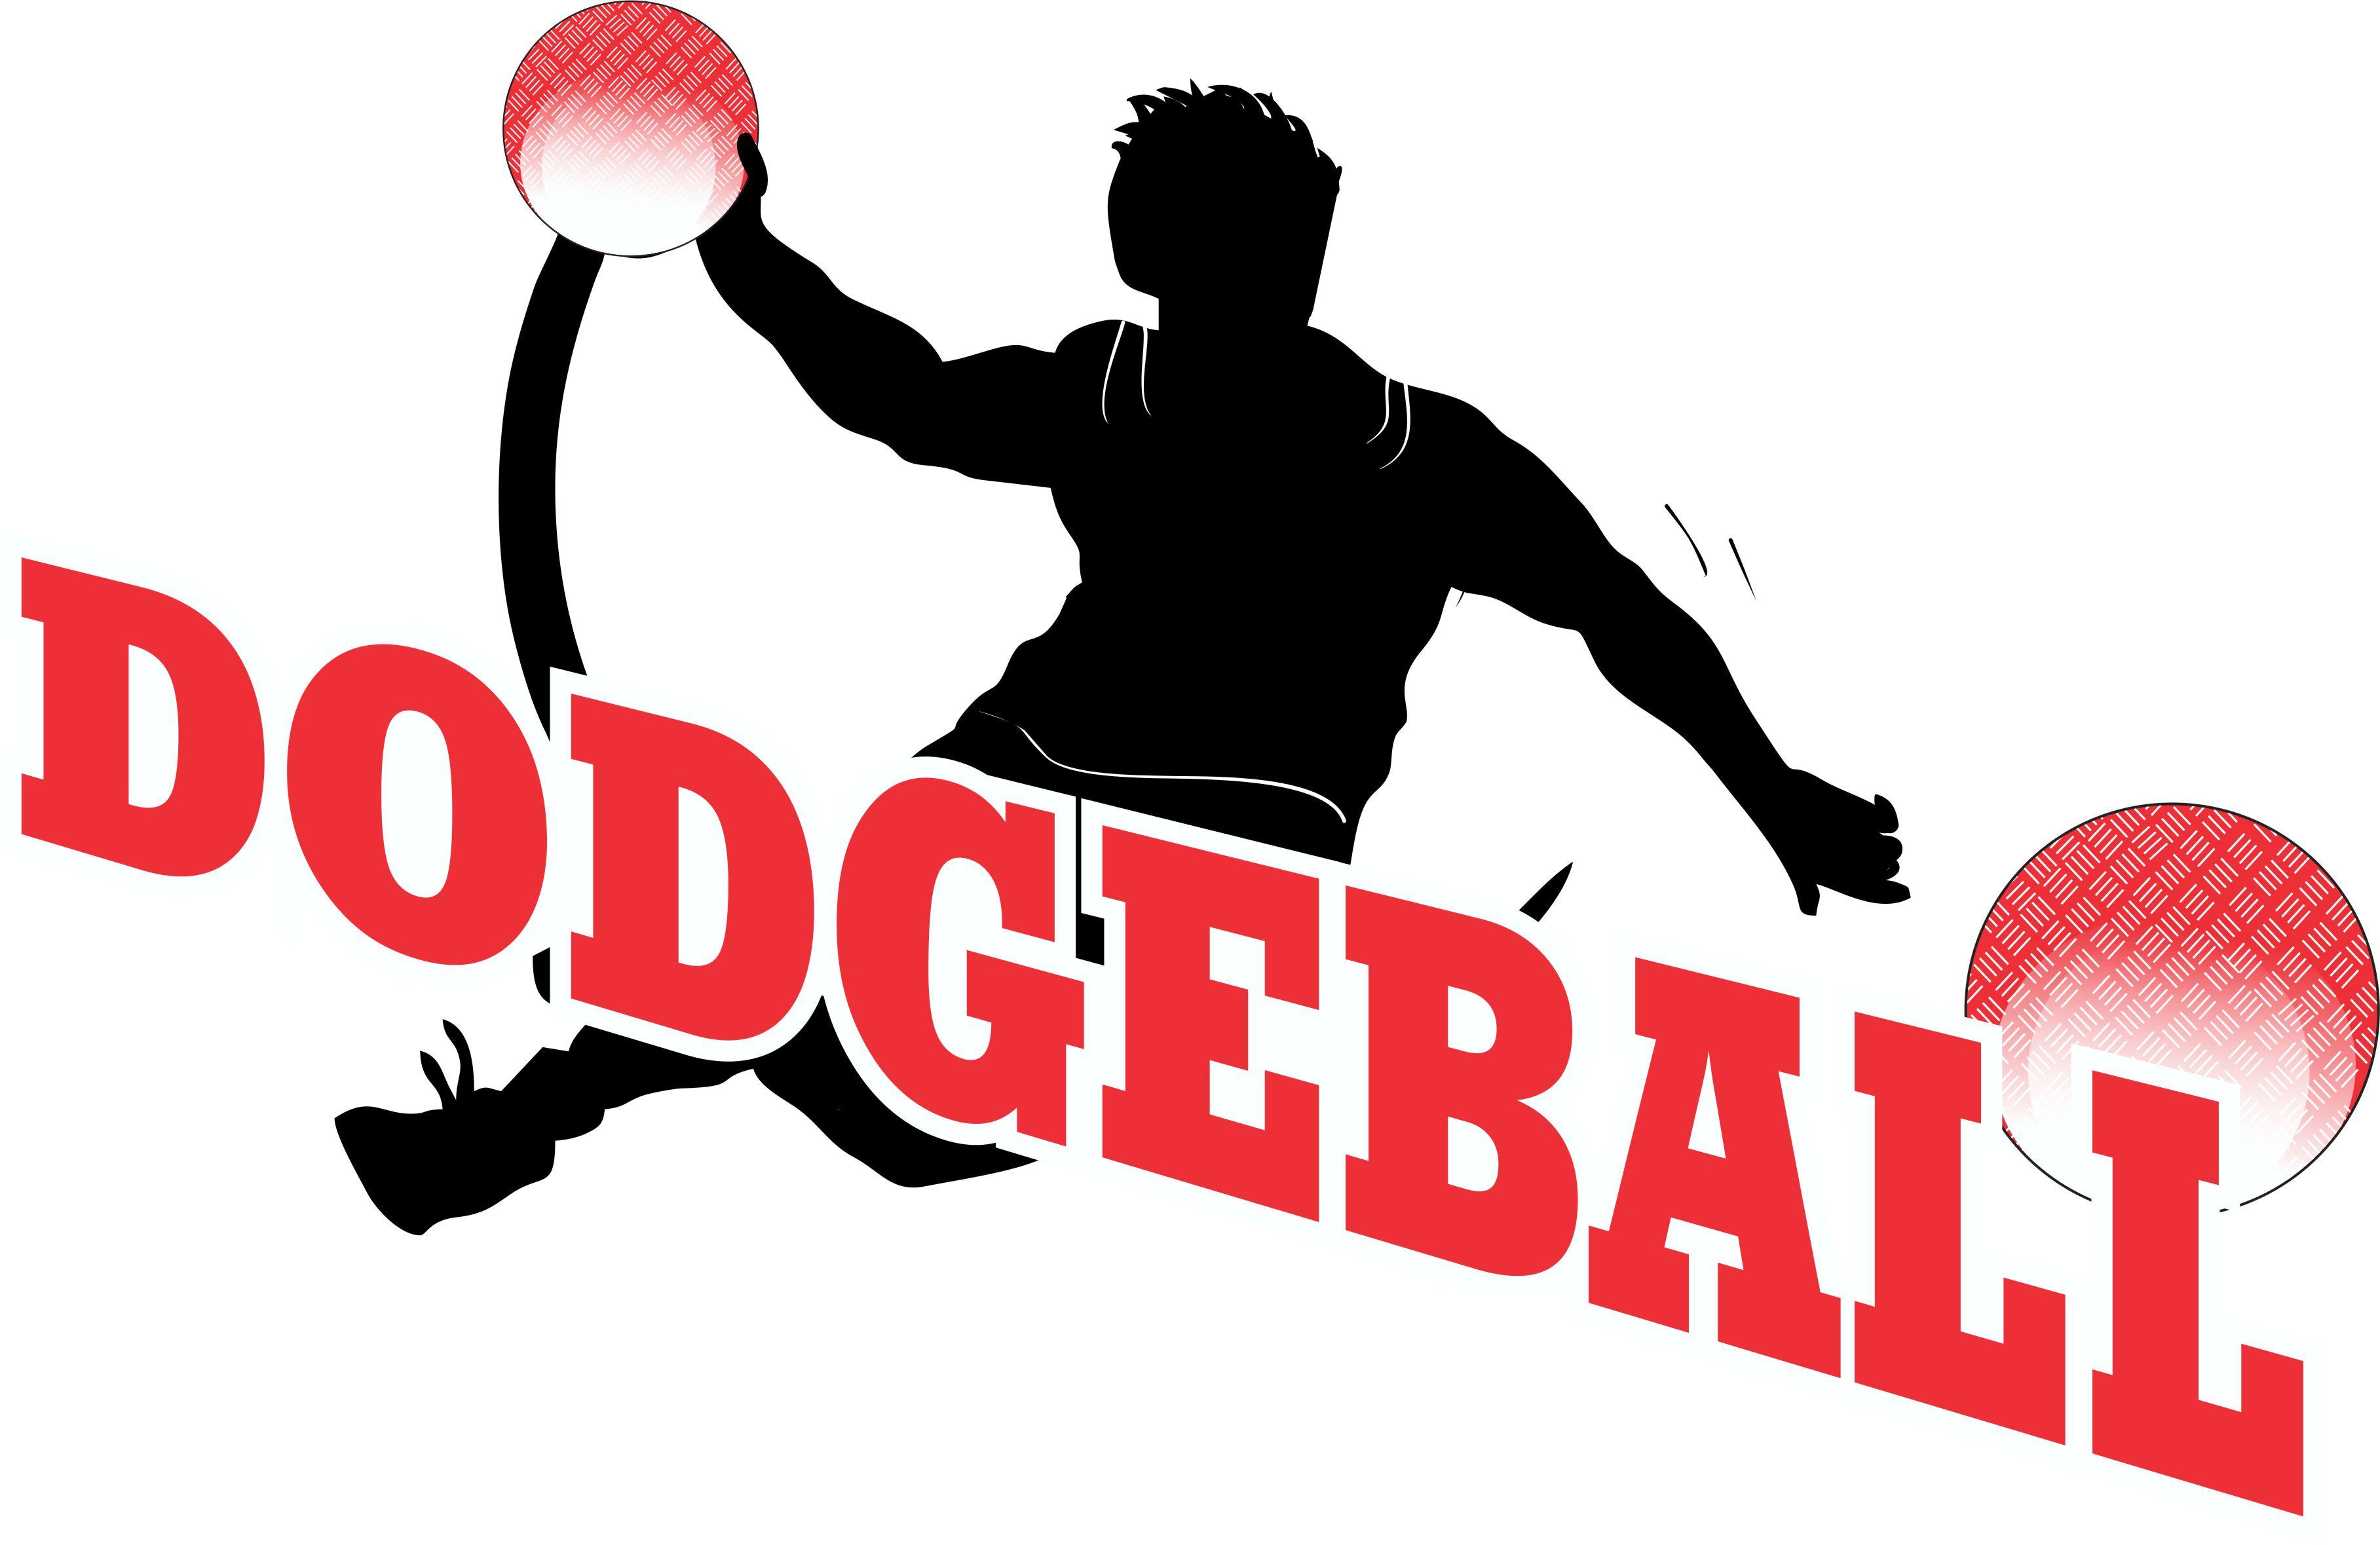 Dodgeball Court Clipart.